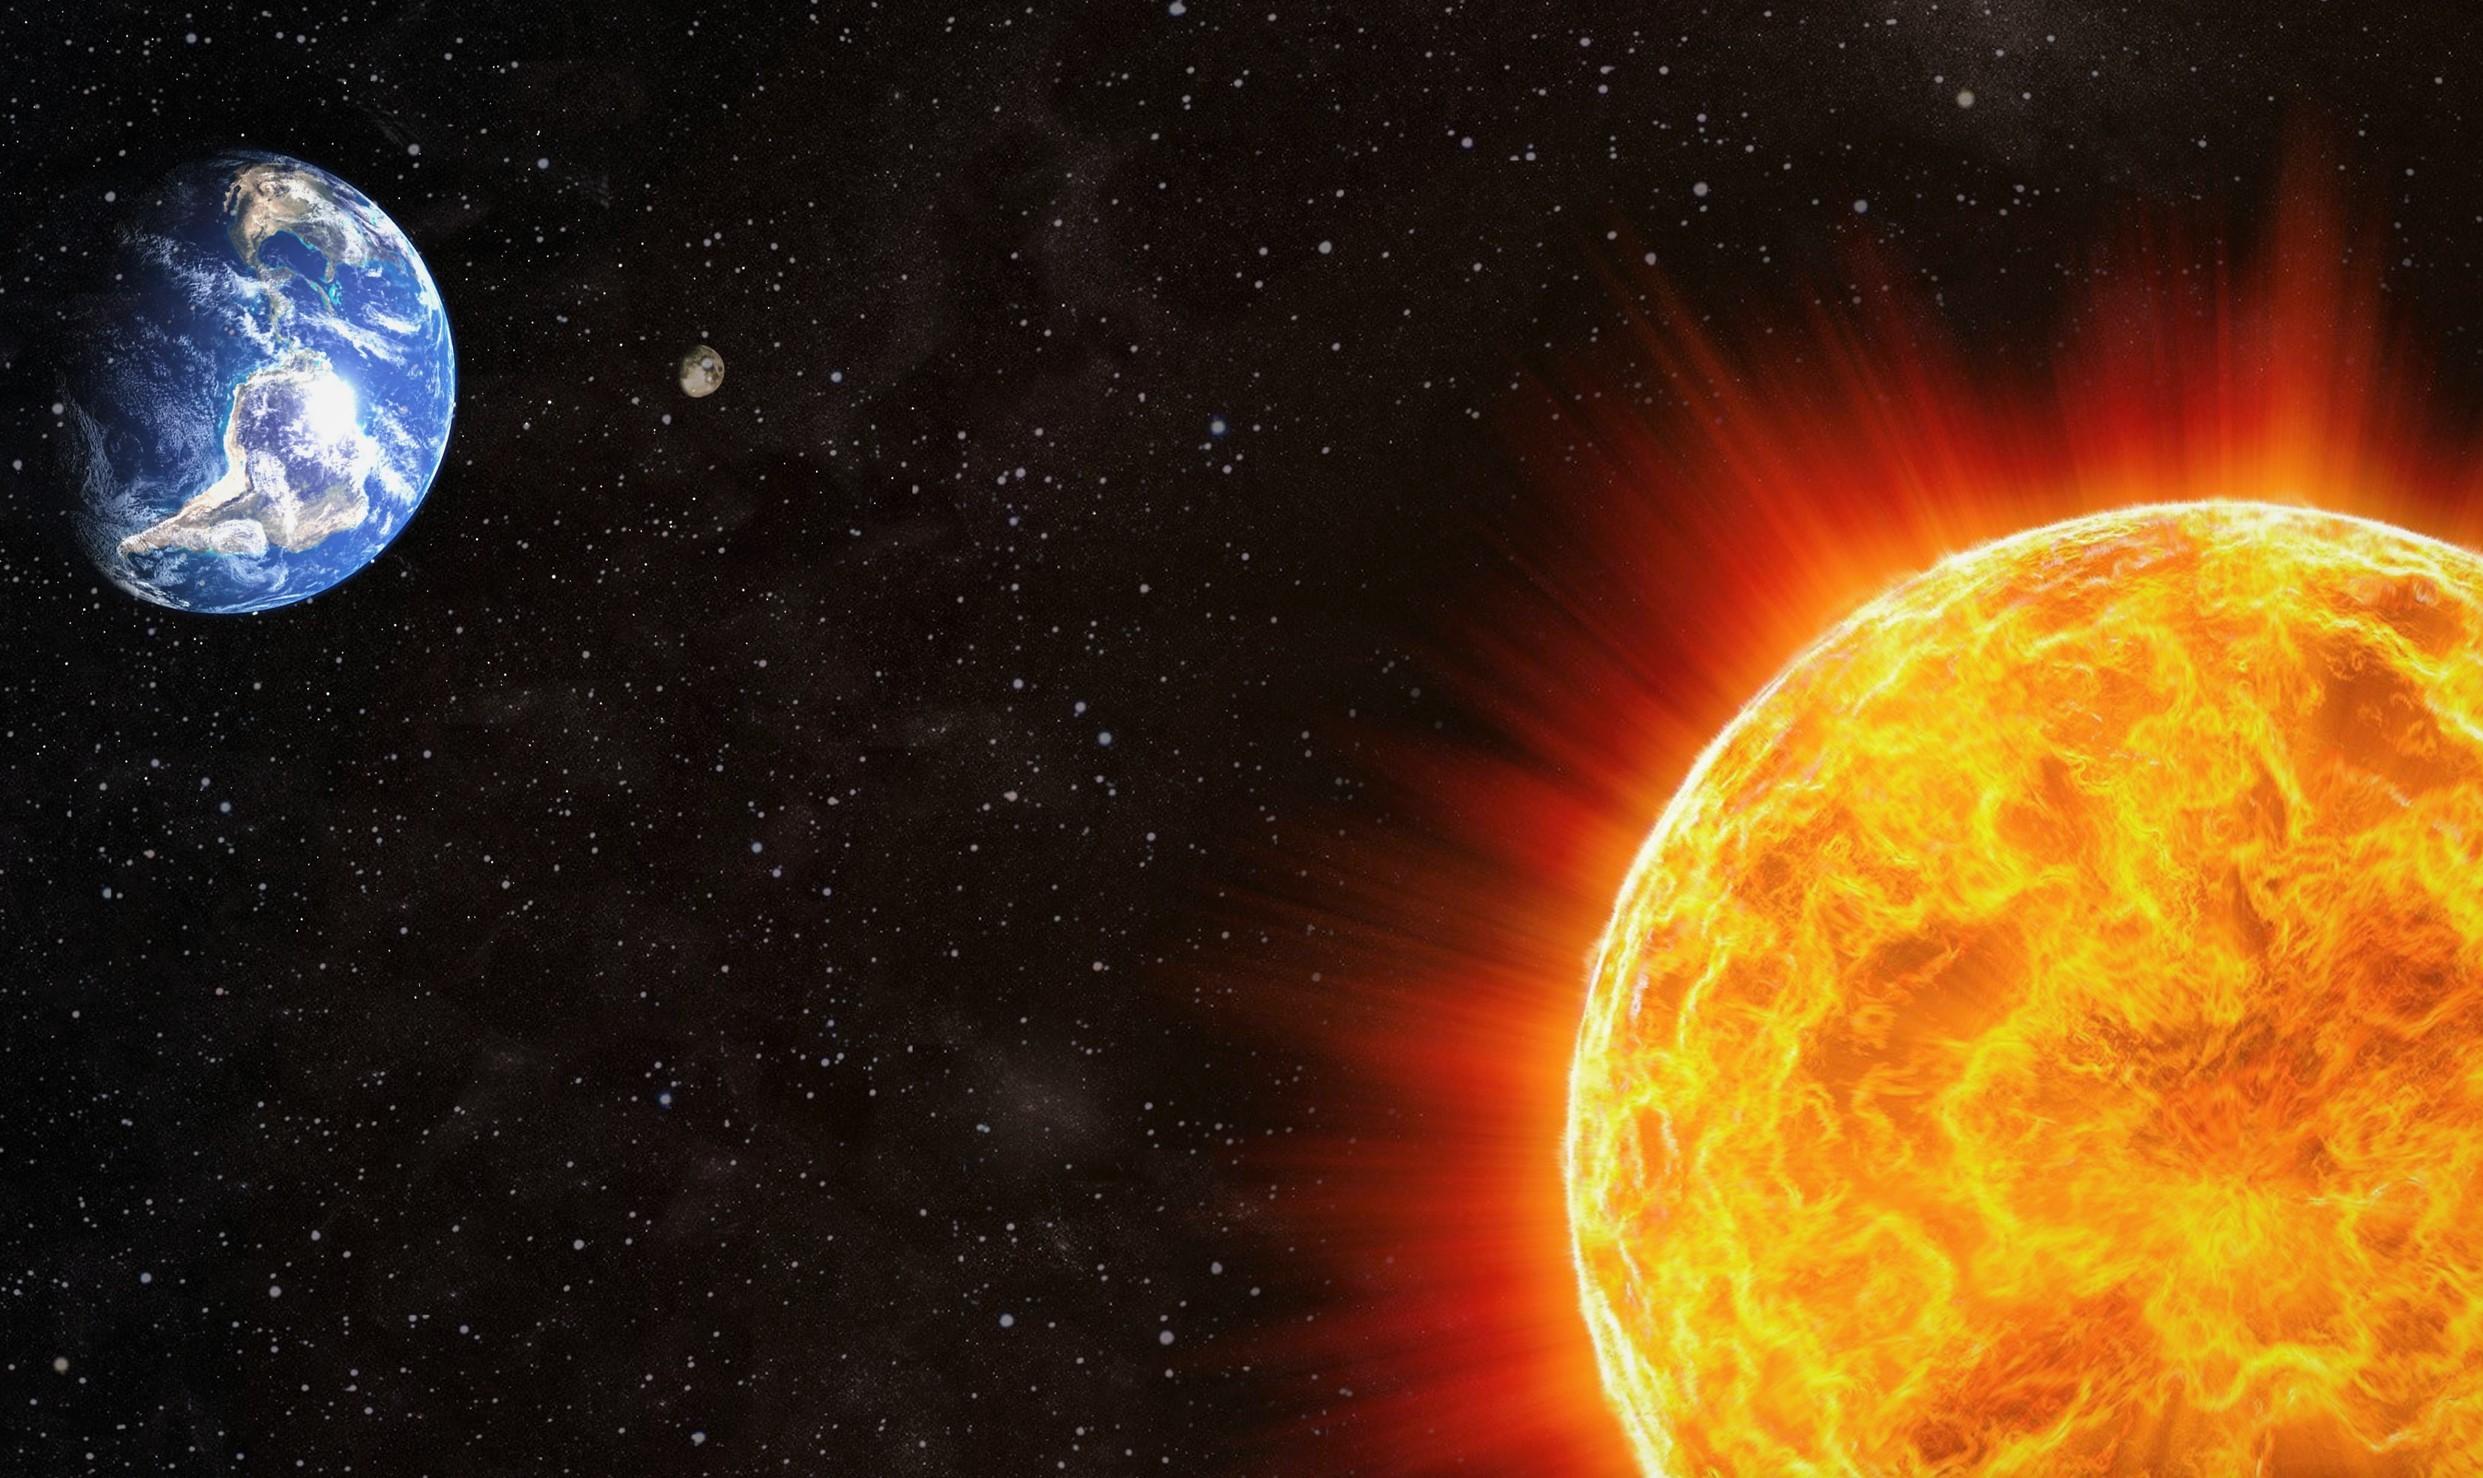 Что случится раньше: погаснет Солнце или остынет ядро Земли?